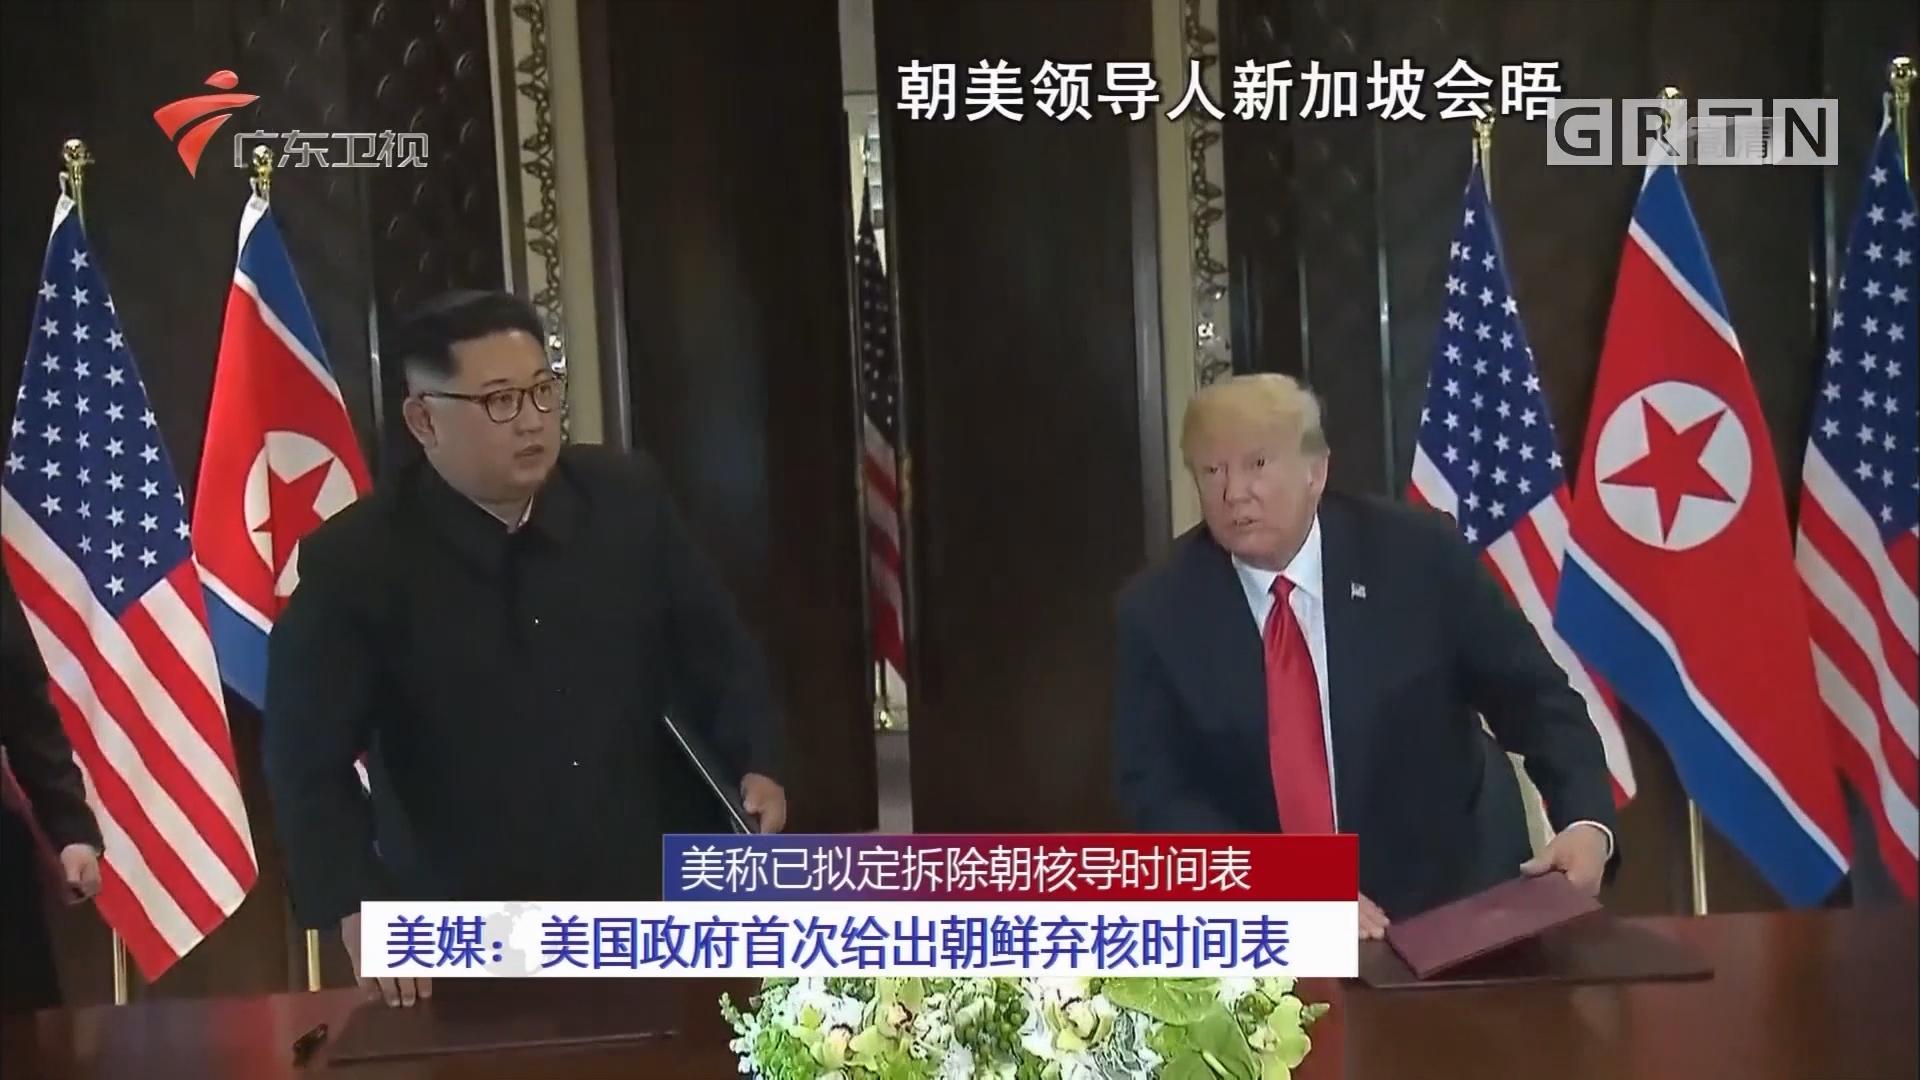 美称已拟定拆除朝核导时间表 美媒:美国政府首次给出朝鲜弃核时间表